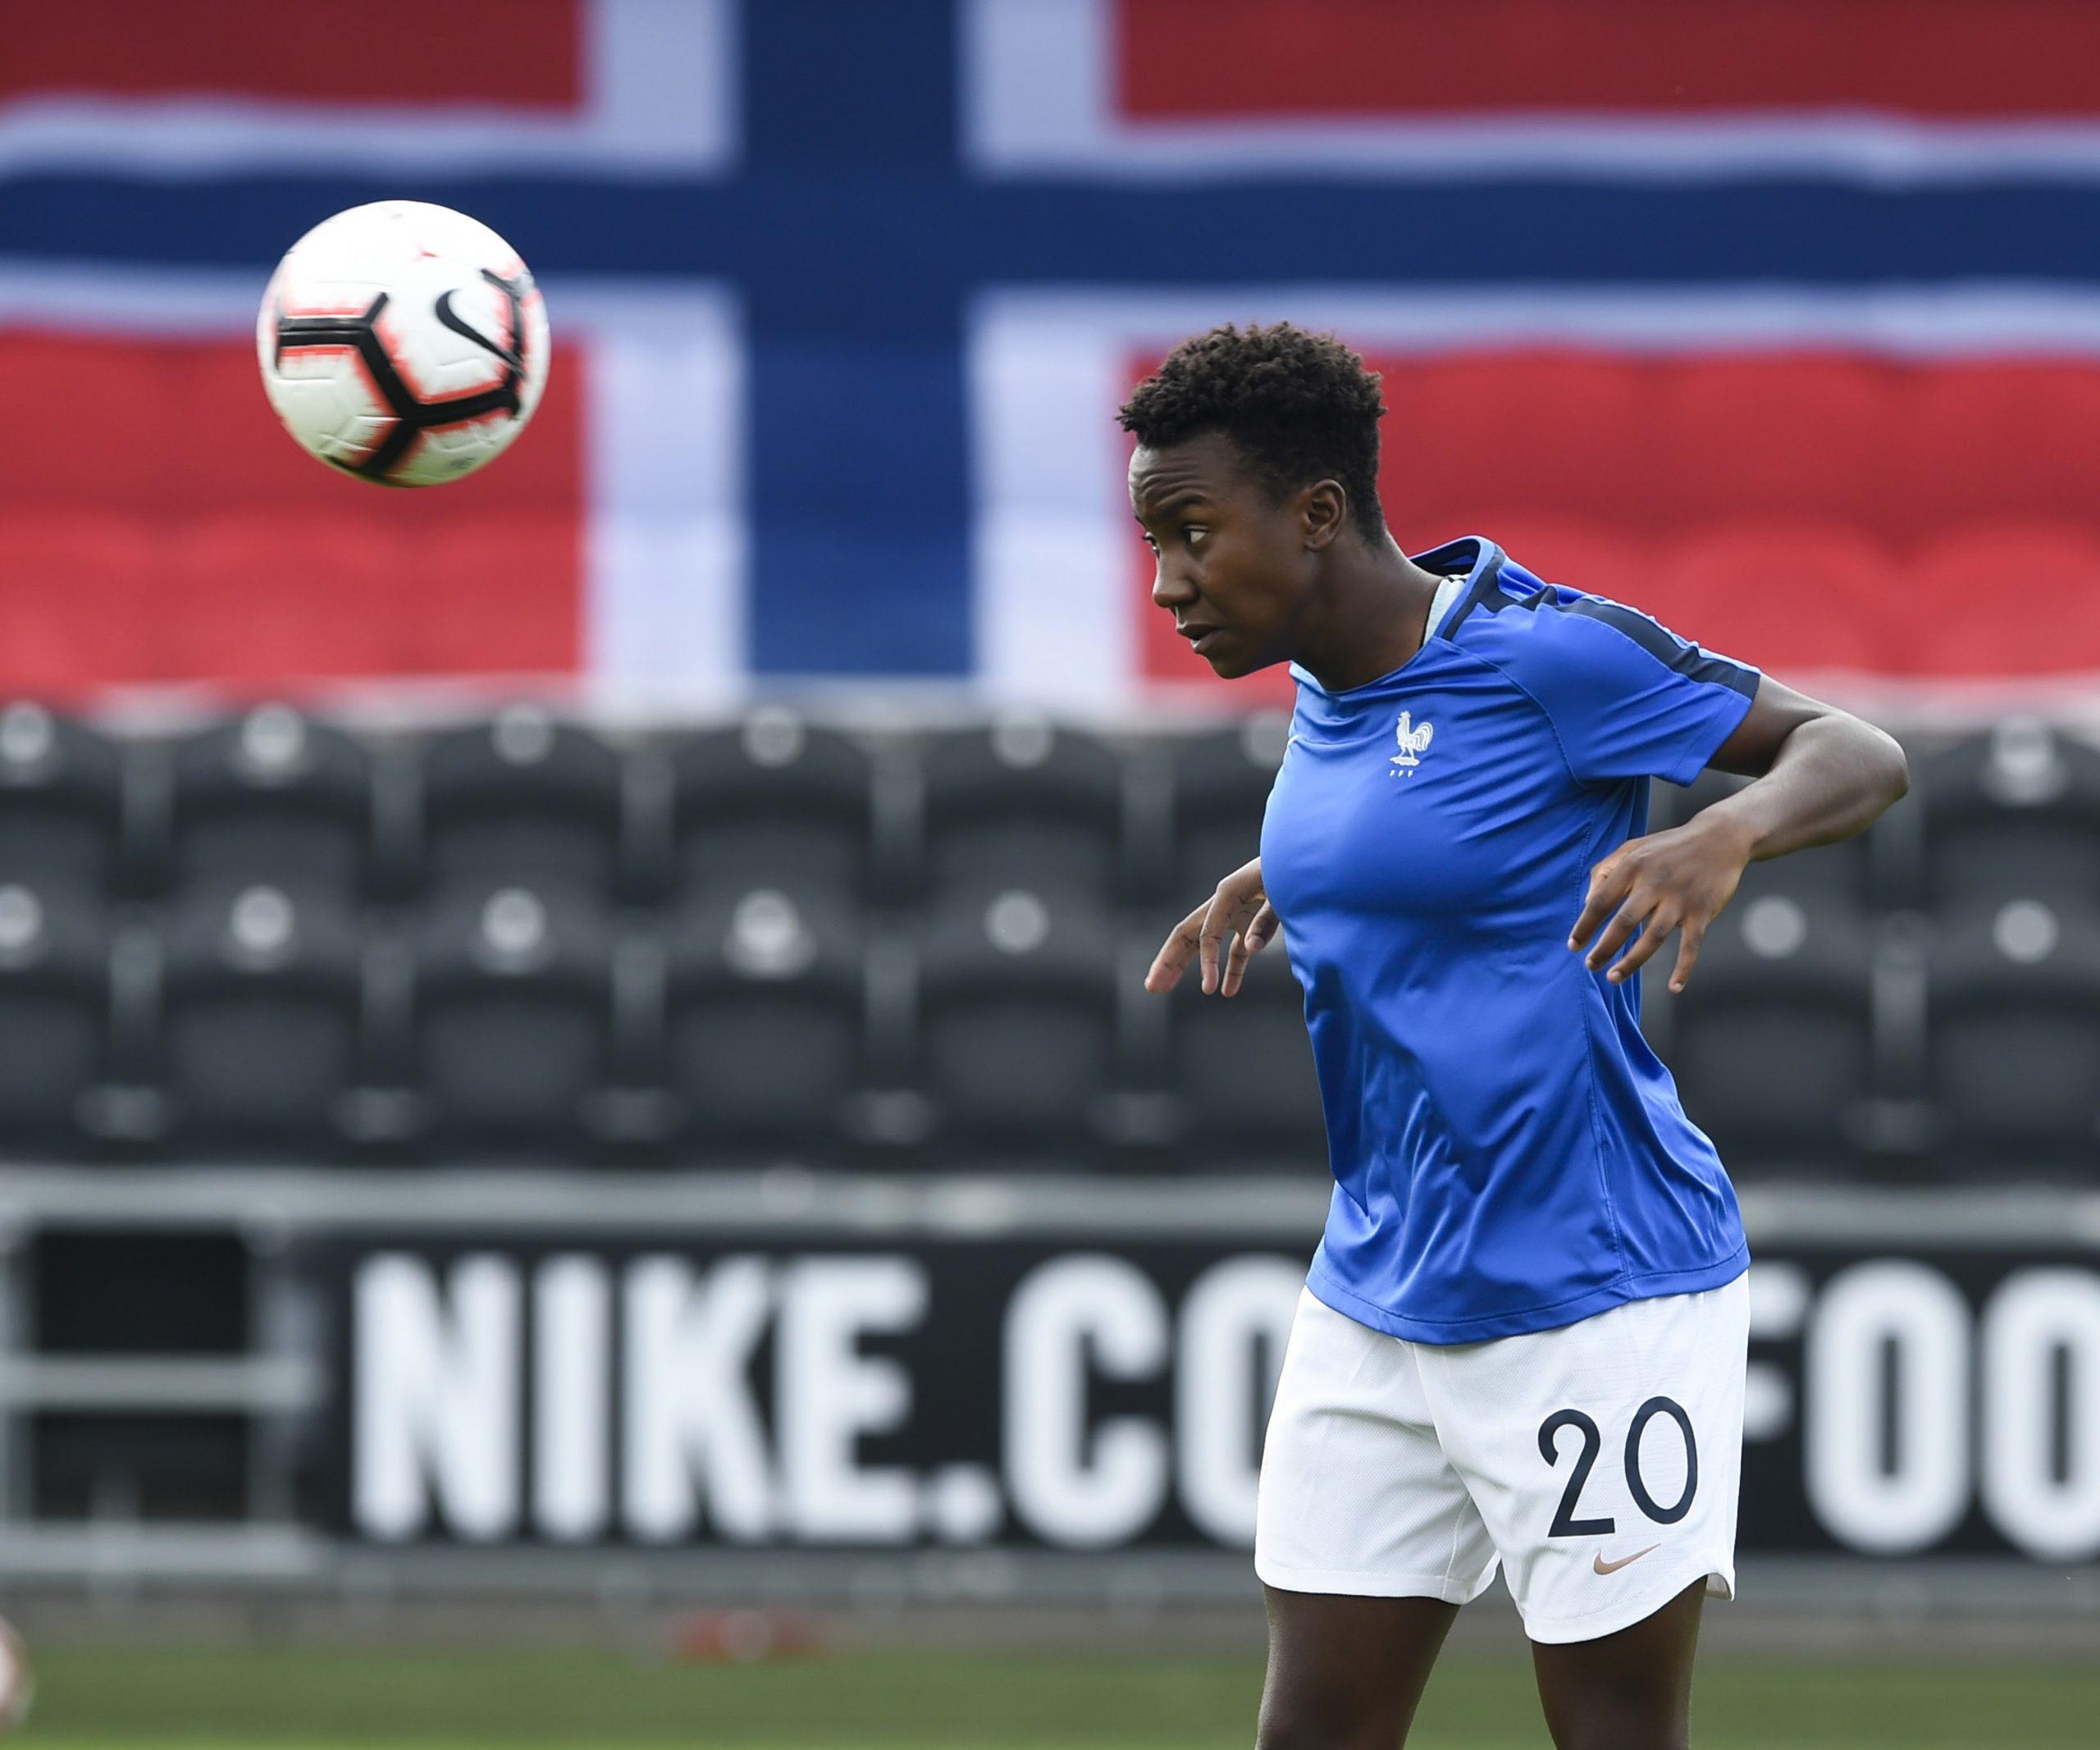 Officiel - Becho quitte le PSG pour signer son premier contrat professionnel à l'OL